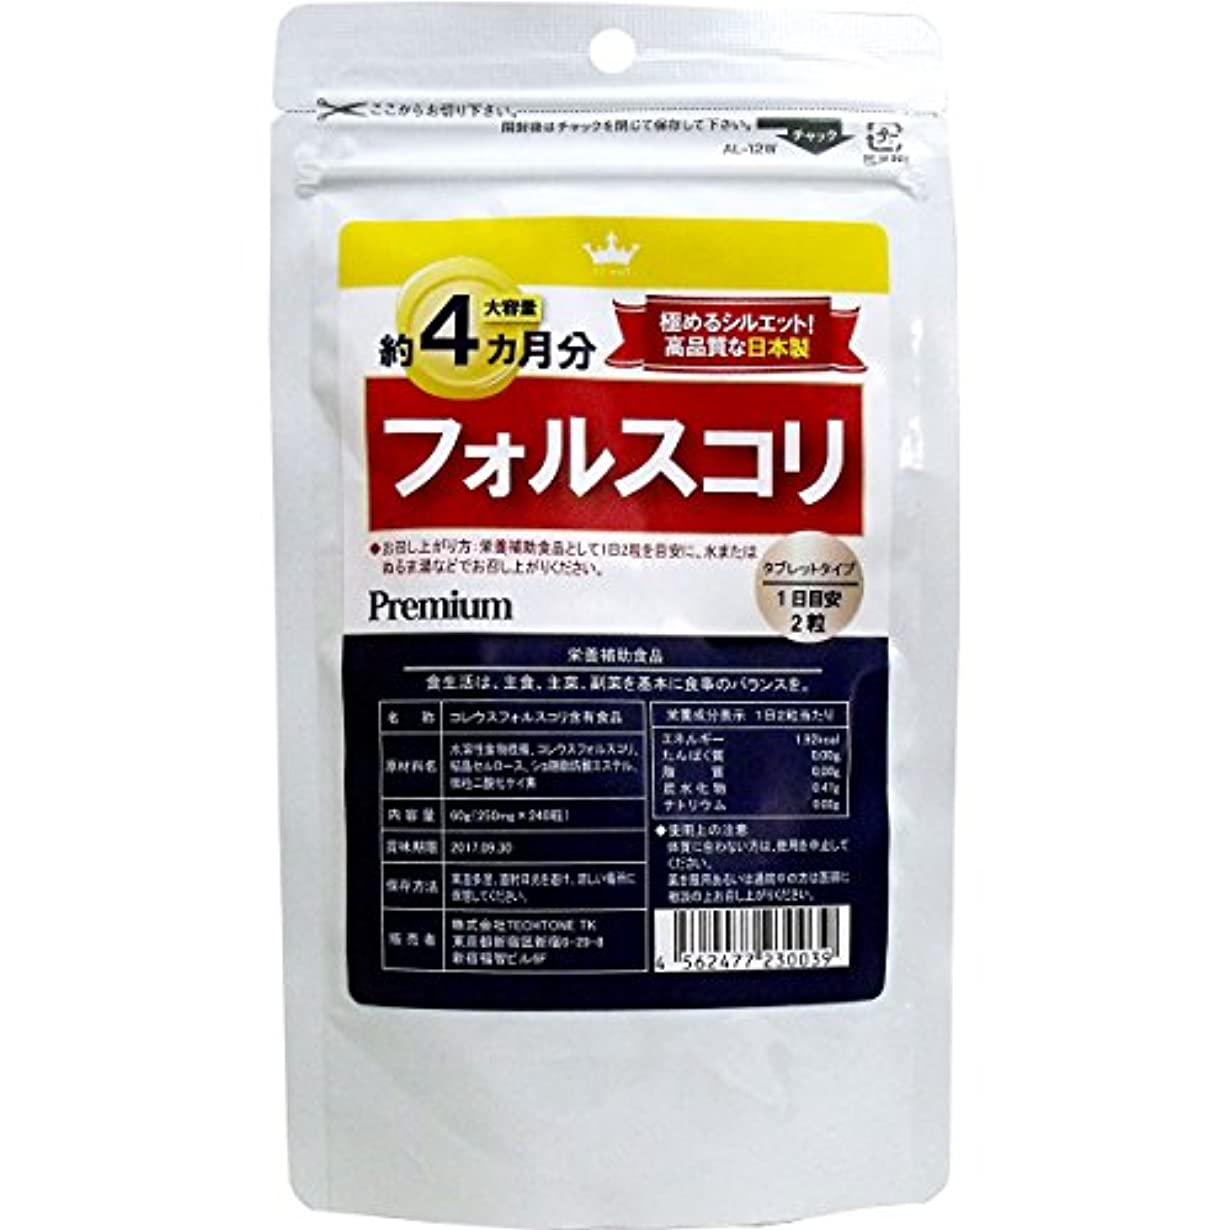 市長氏栄光ダイエット 高品質な日本製 人気 フォルスコリ 約4カ月分 240粒入【5個セット】